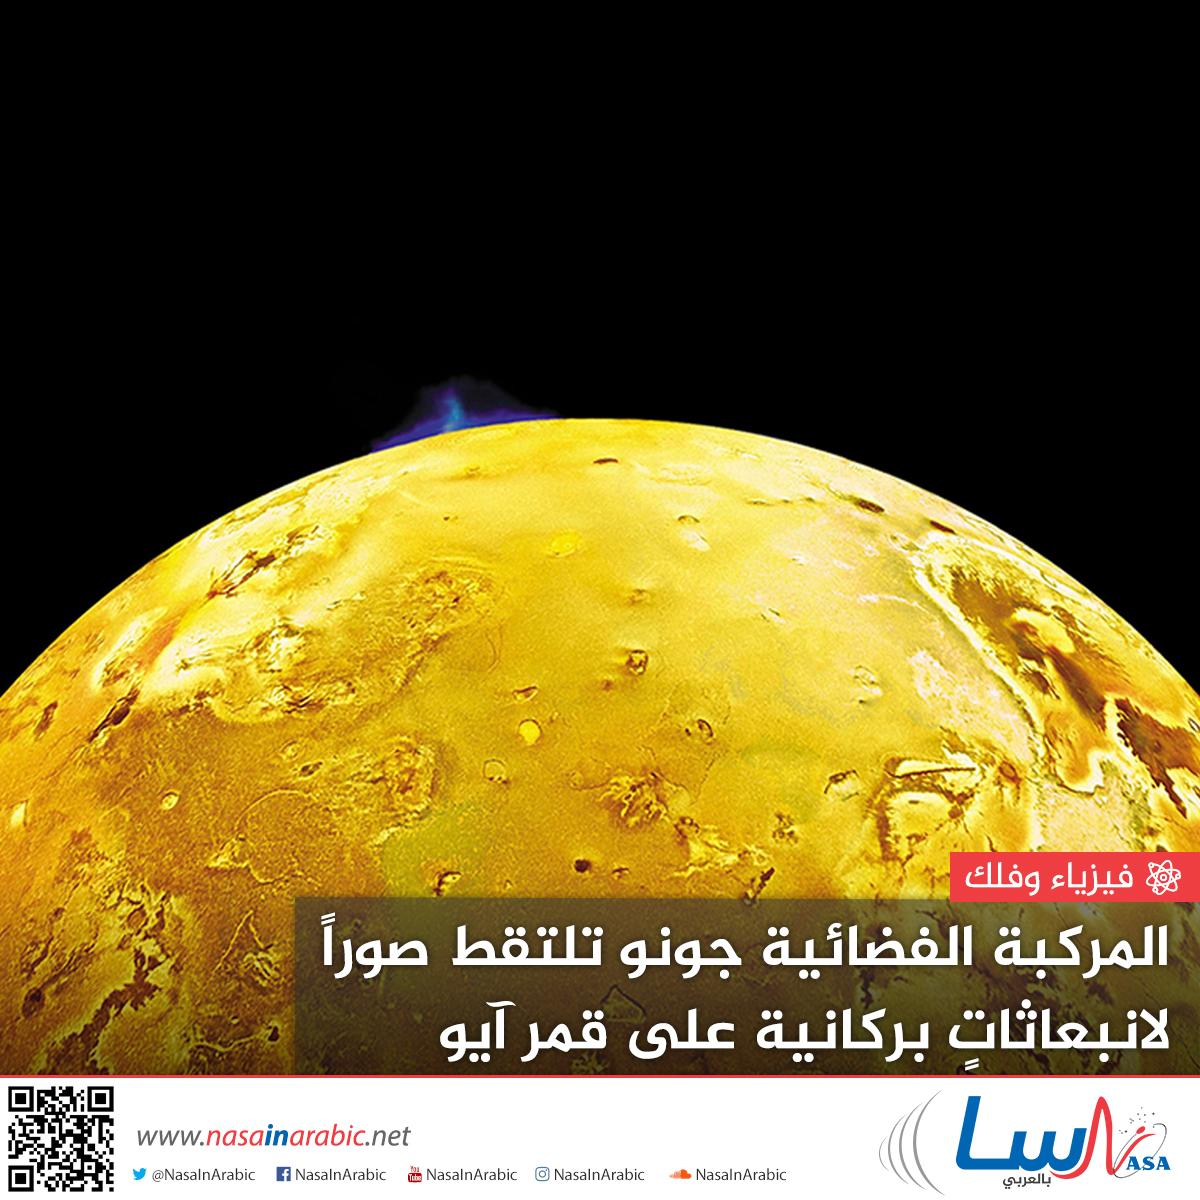 المركبة الفضائية جونو تلتقط صوراً لانبعاثات بركانية على قمر آيو